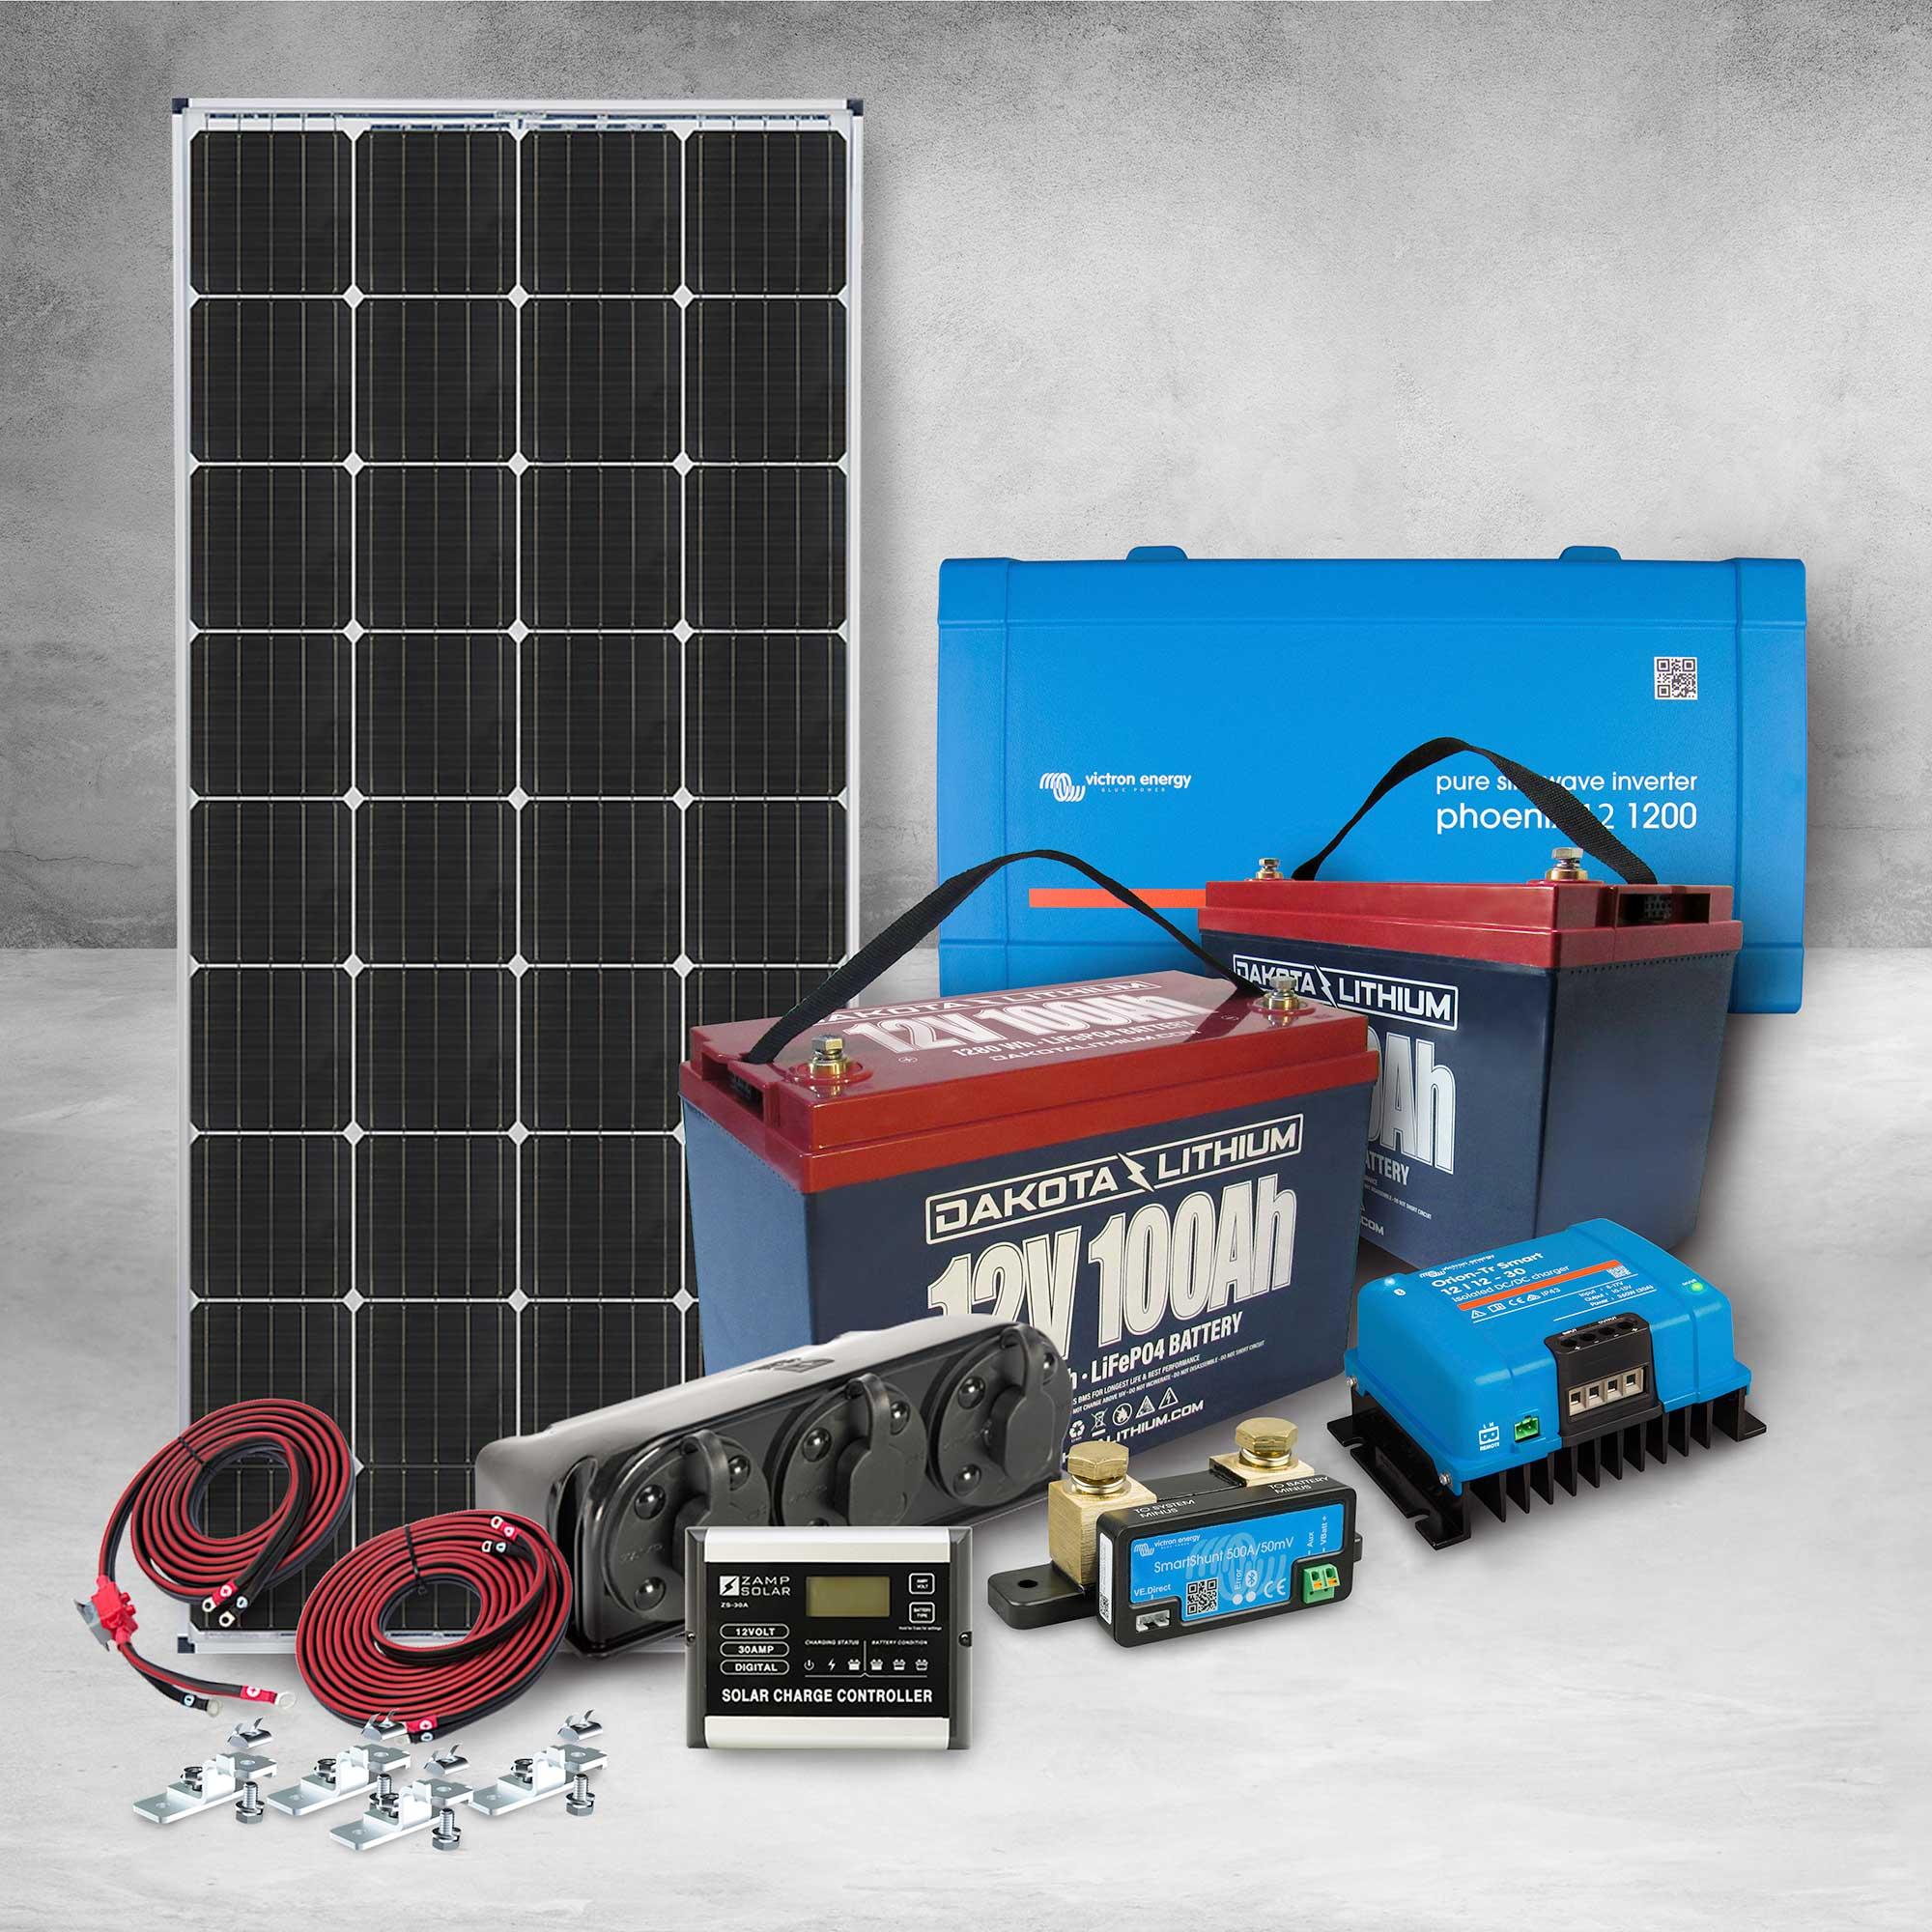 Dakota Lithium & Zamp Solar 12v 200Ah Off-Grid Power System